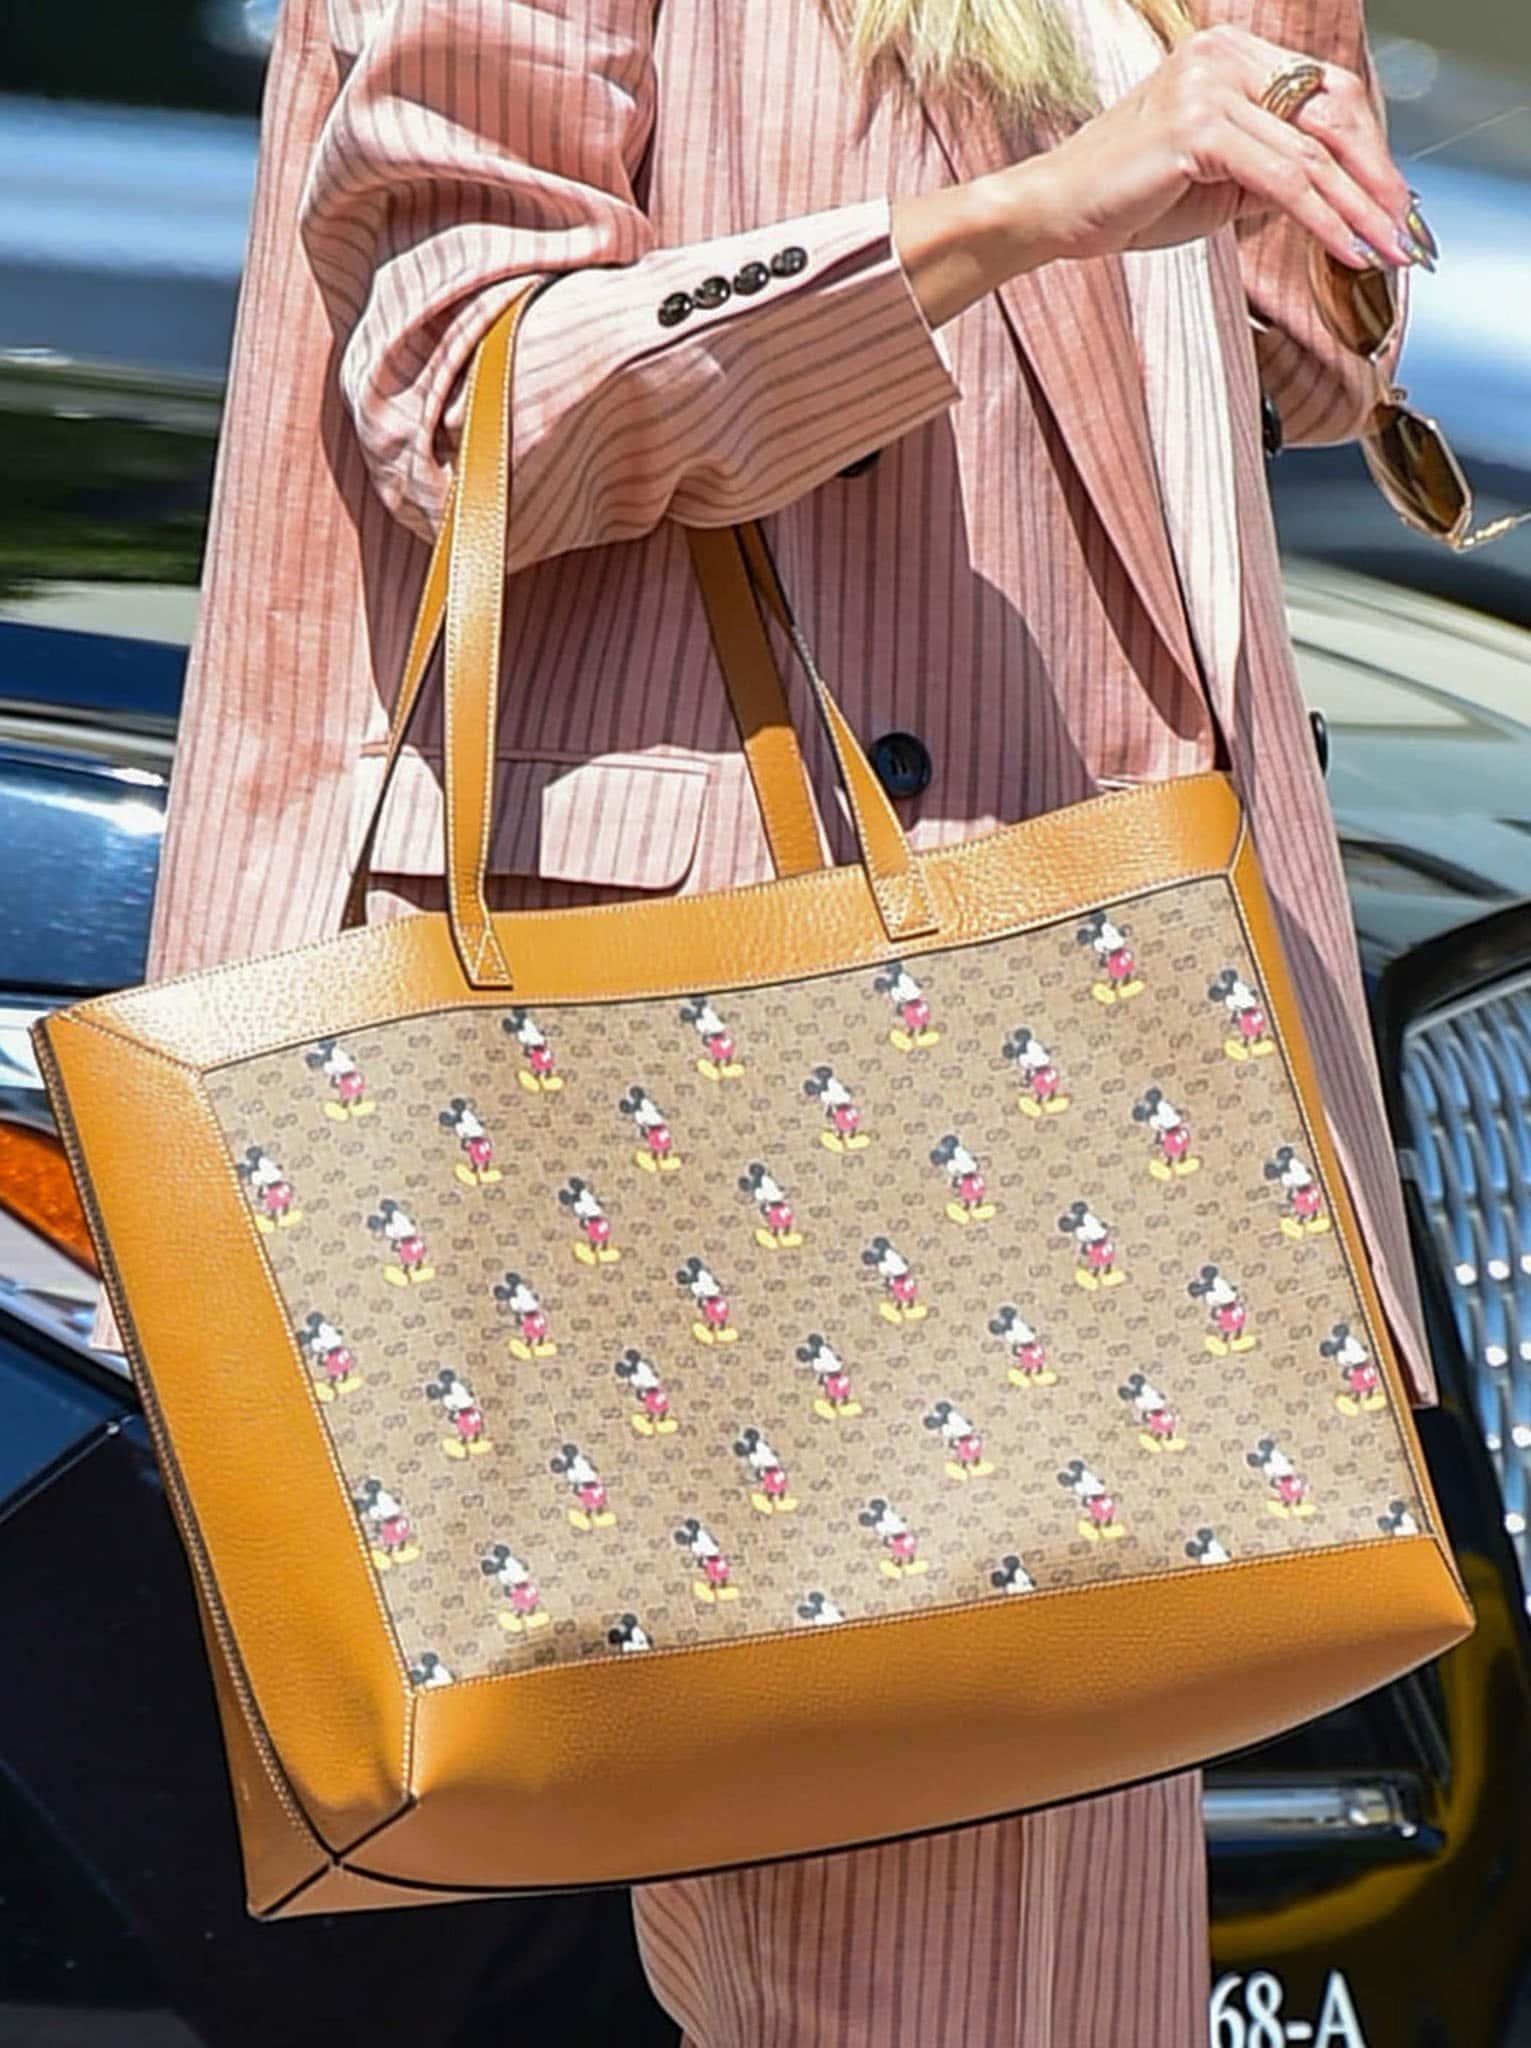 Heidi Klum carries a Gucci x Disney Mickey tote bag